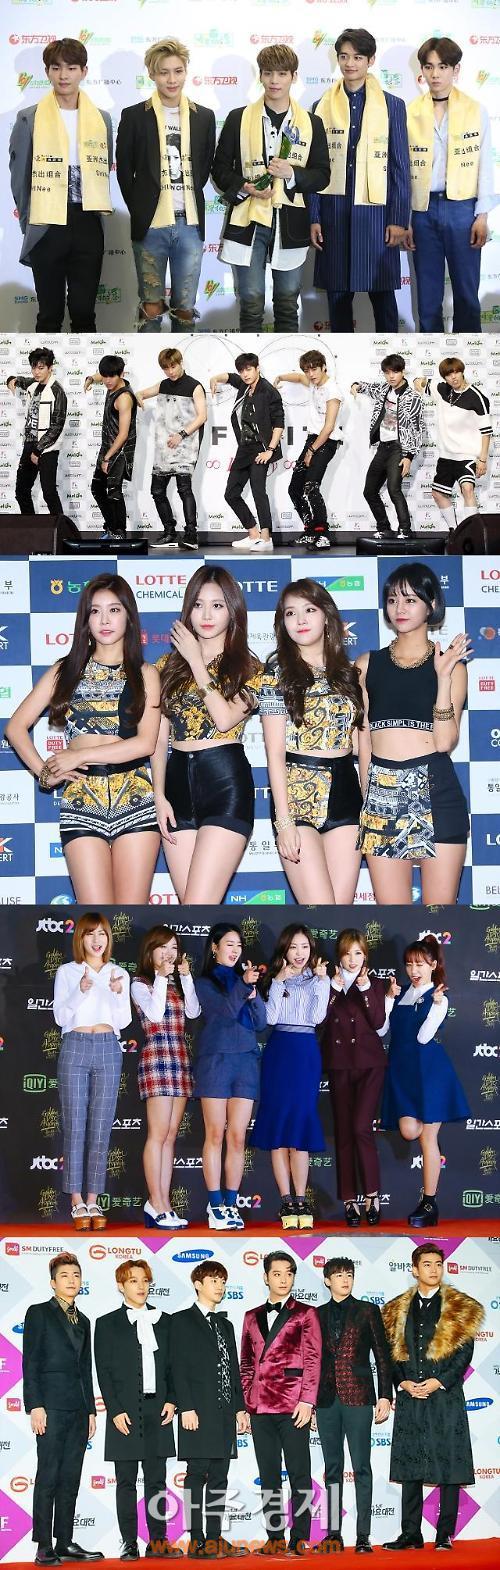 9월, 톱클래스 아이돌 그룹이 온다…샤이니부터 2PM까지